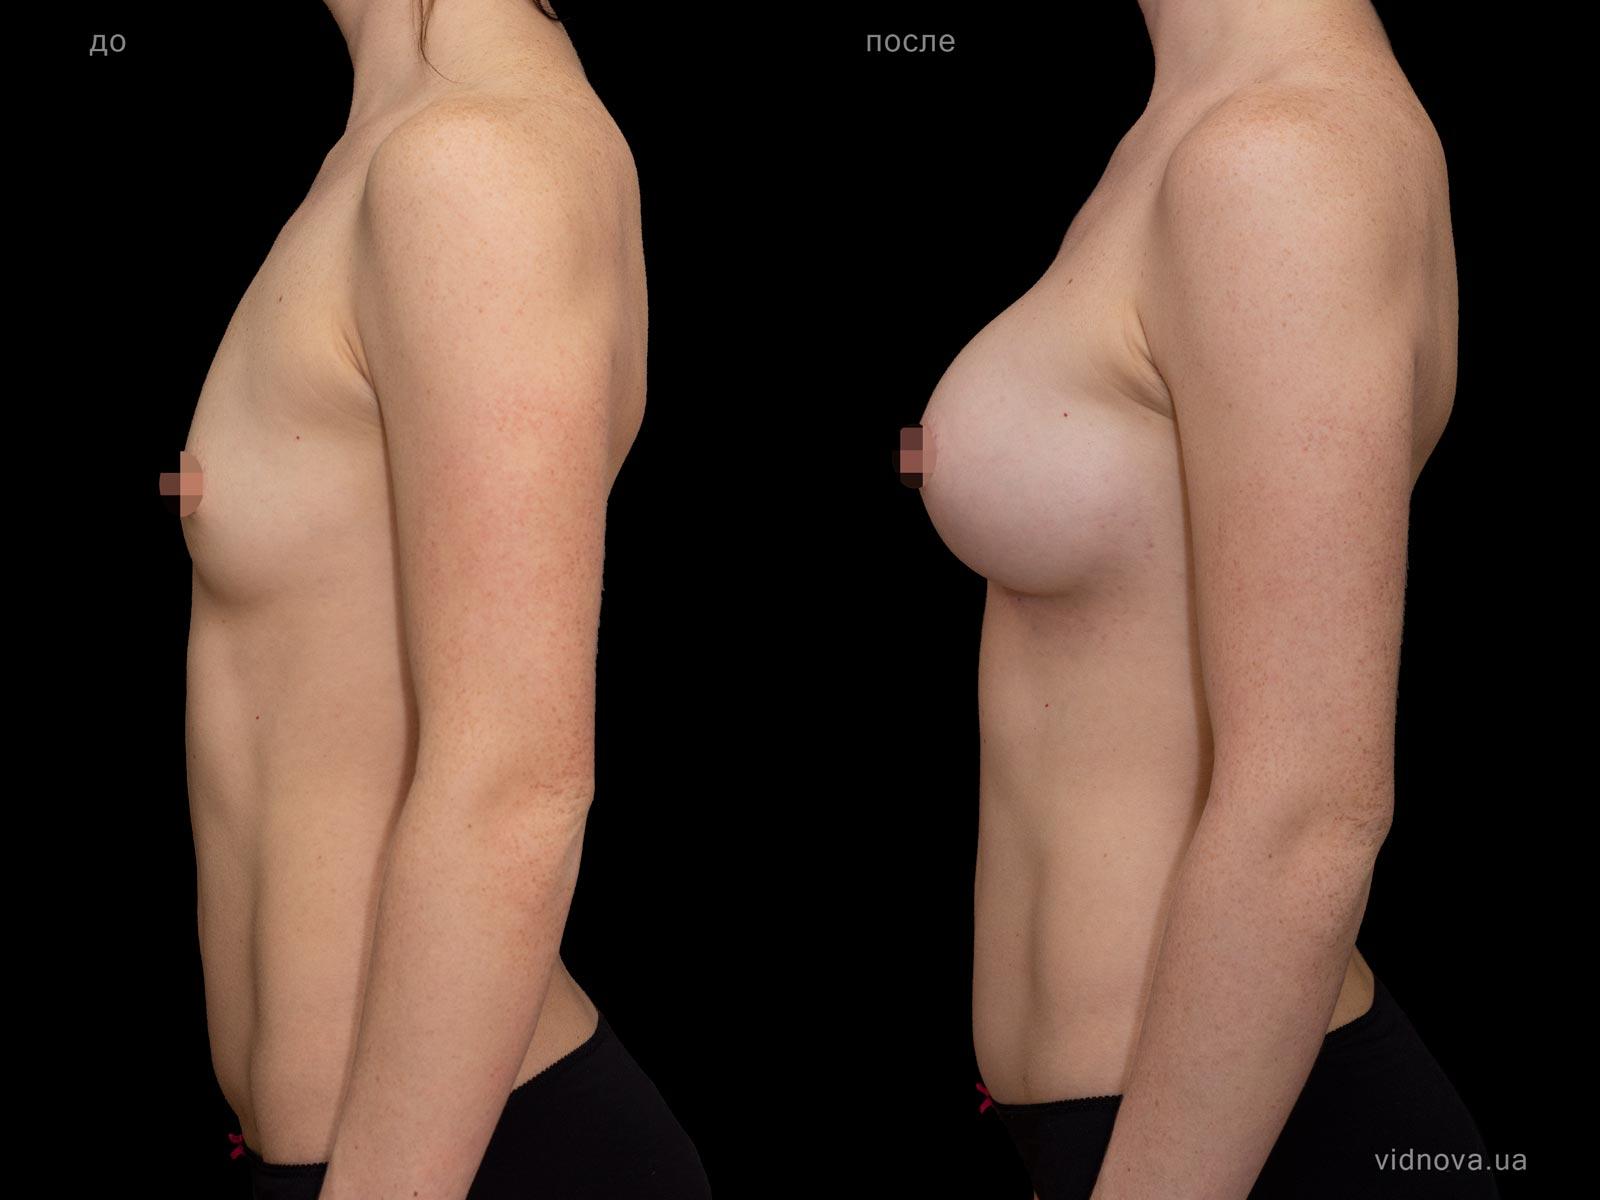 Пластика груди: результаты до и после - Пример №89-2 - Светлана Работенко